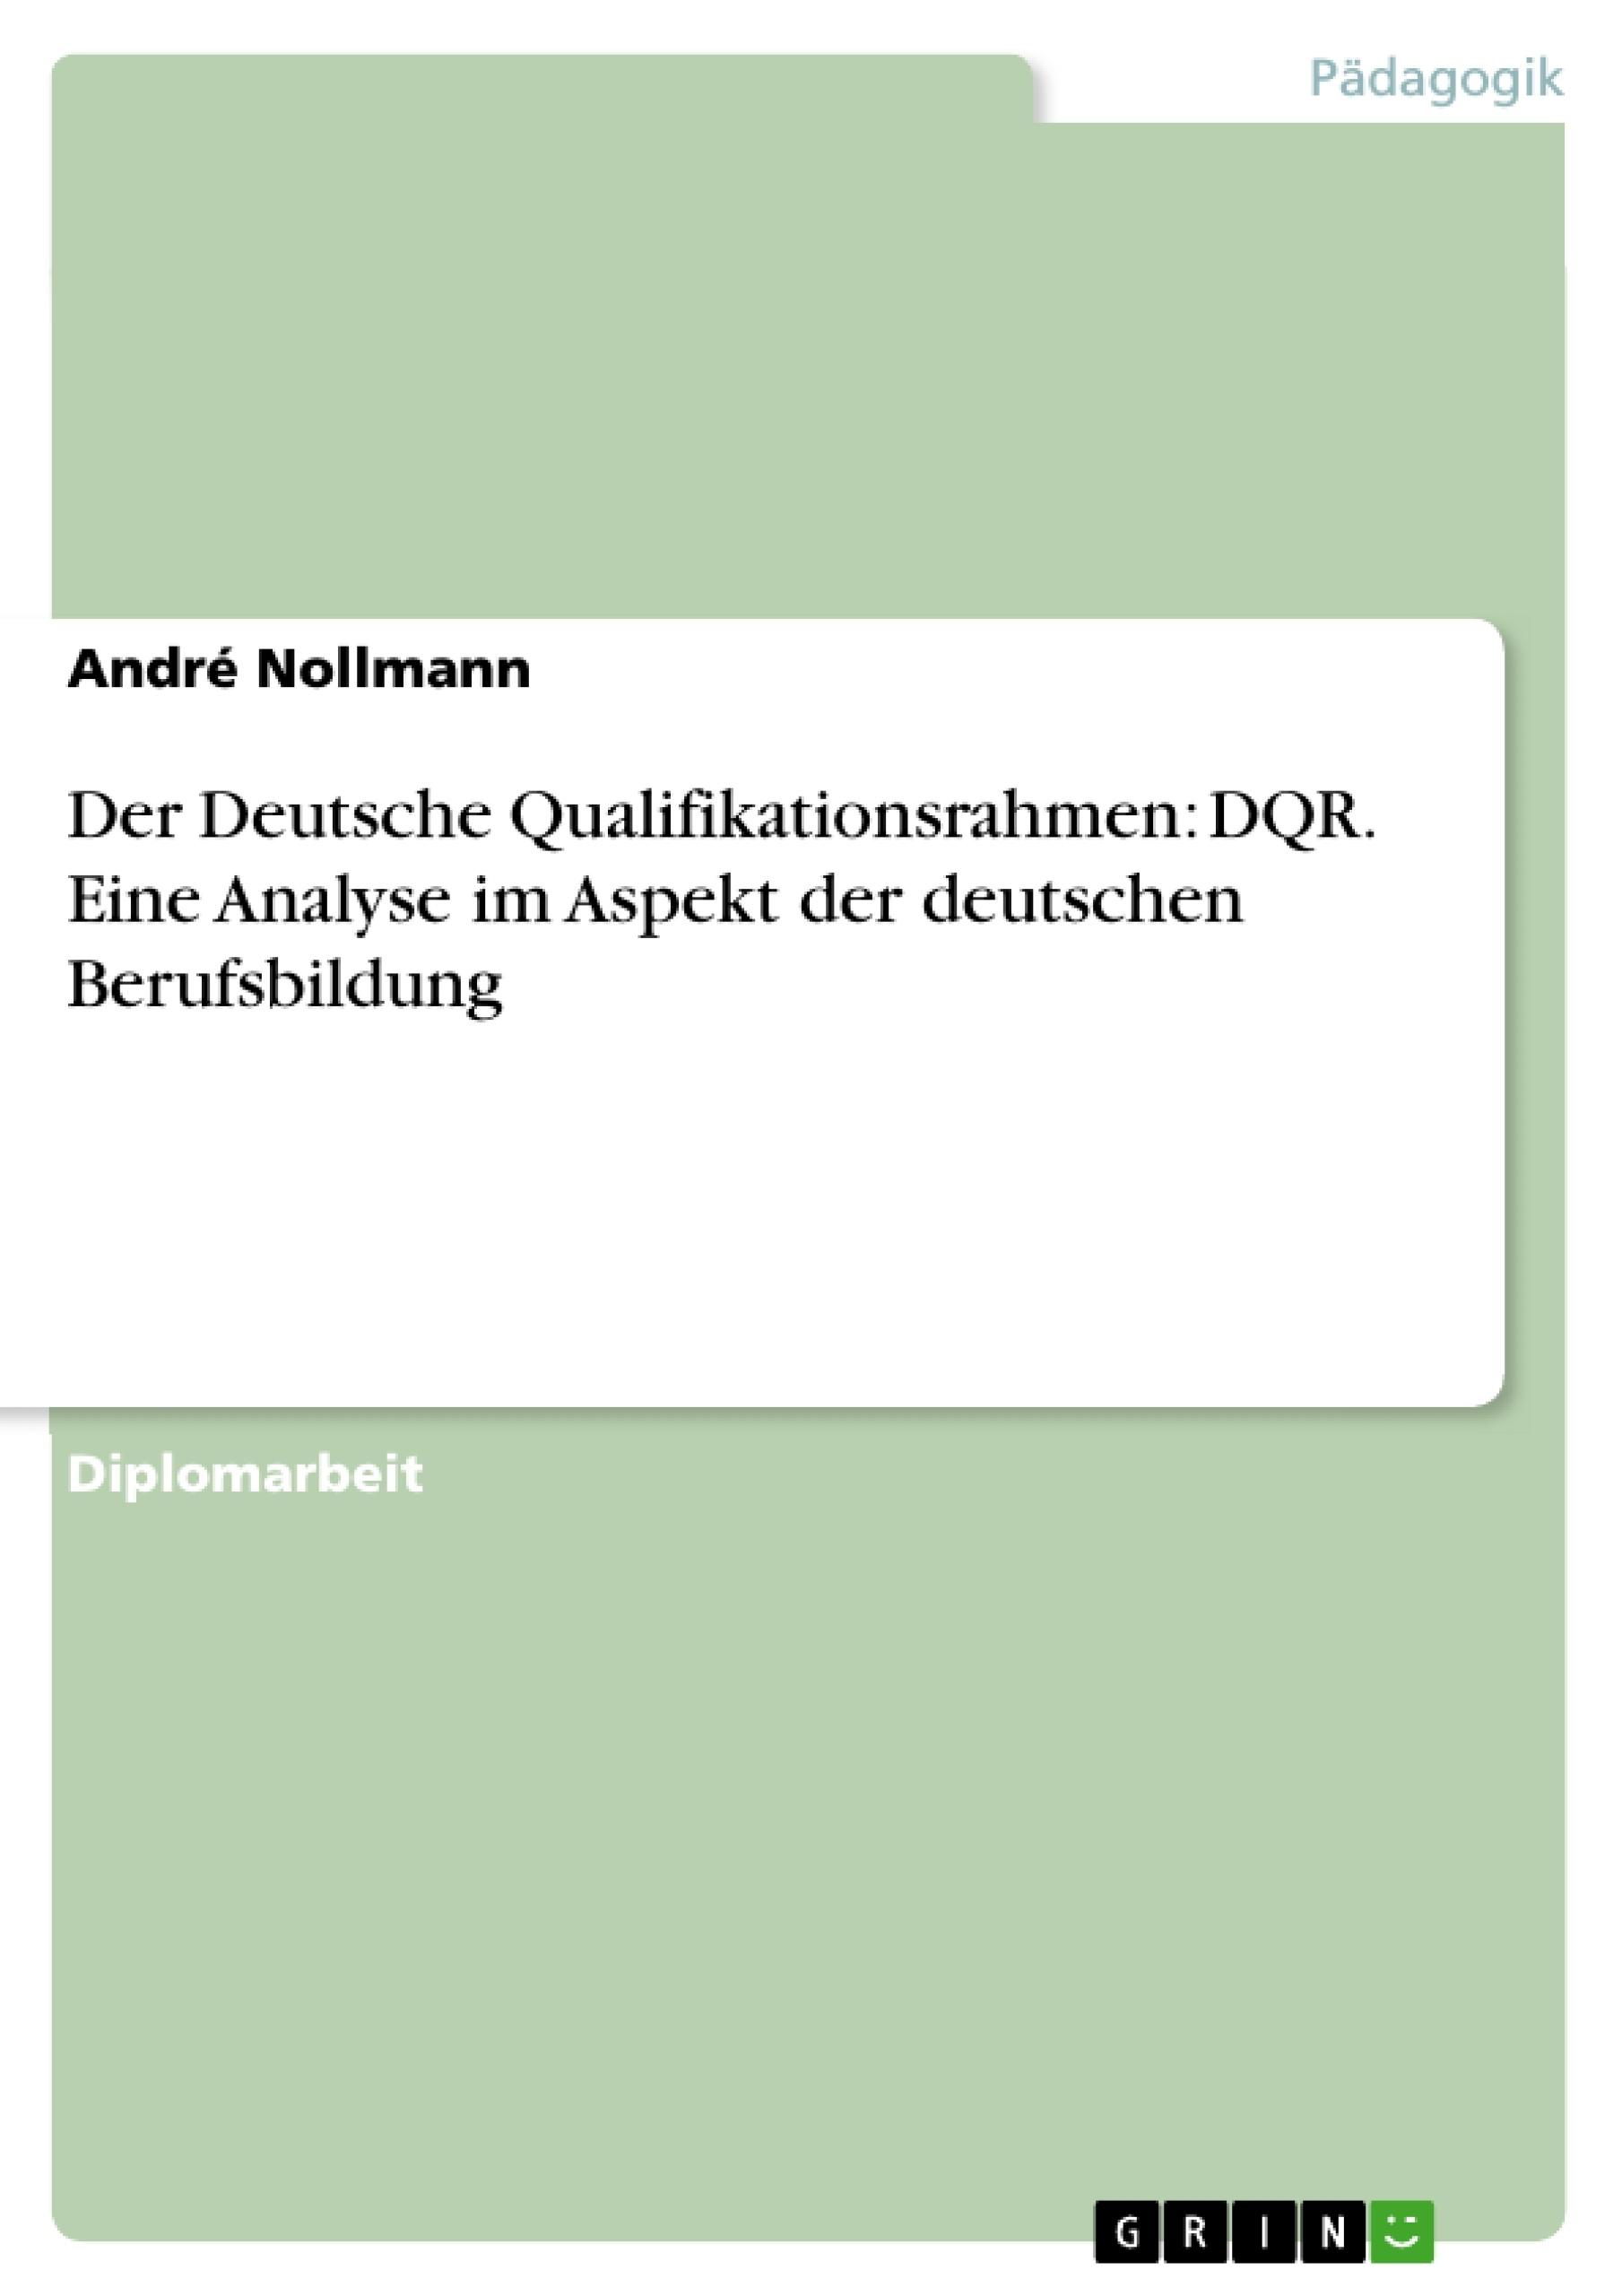 Titel: Der Deutsche Qualifikationsrahmen: DQR. Eine Analyse im Aspekt der deutschen Berufsbildung